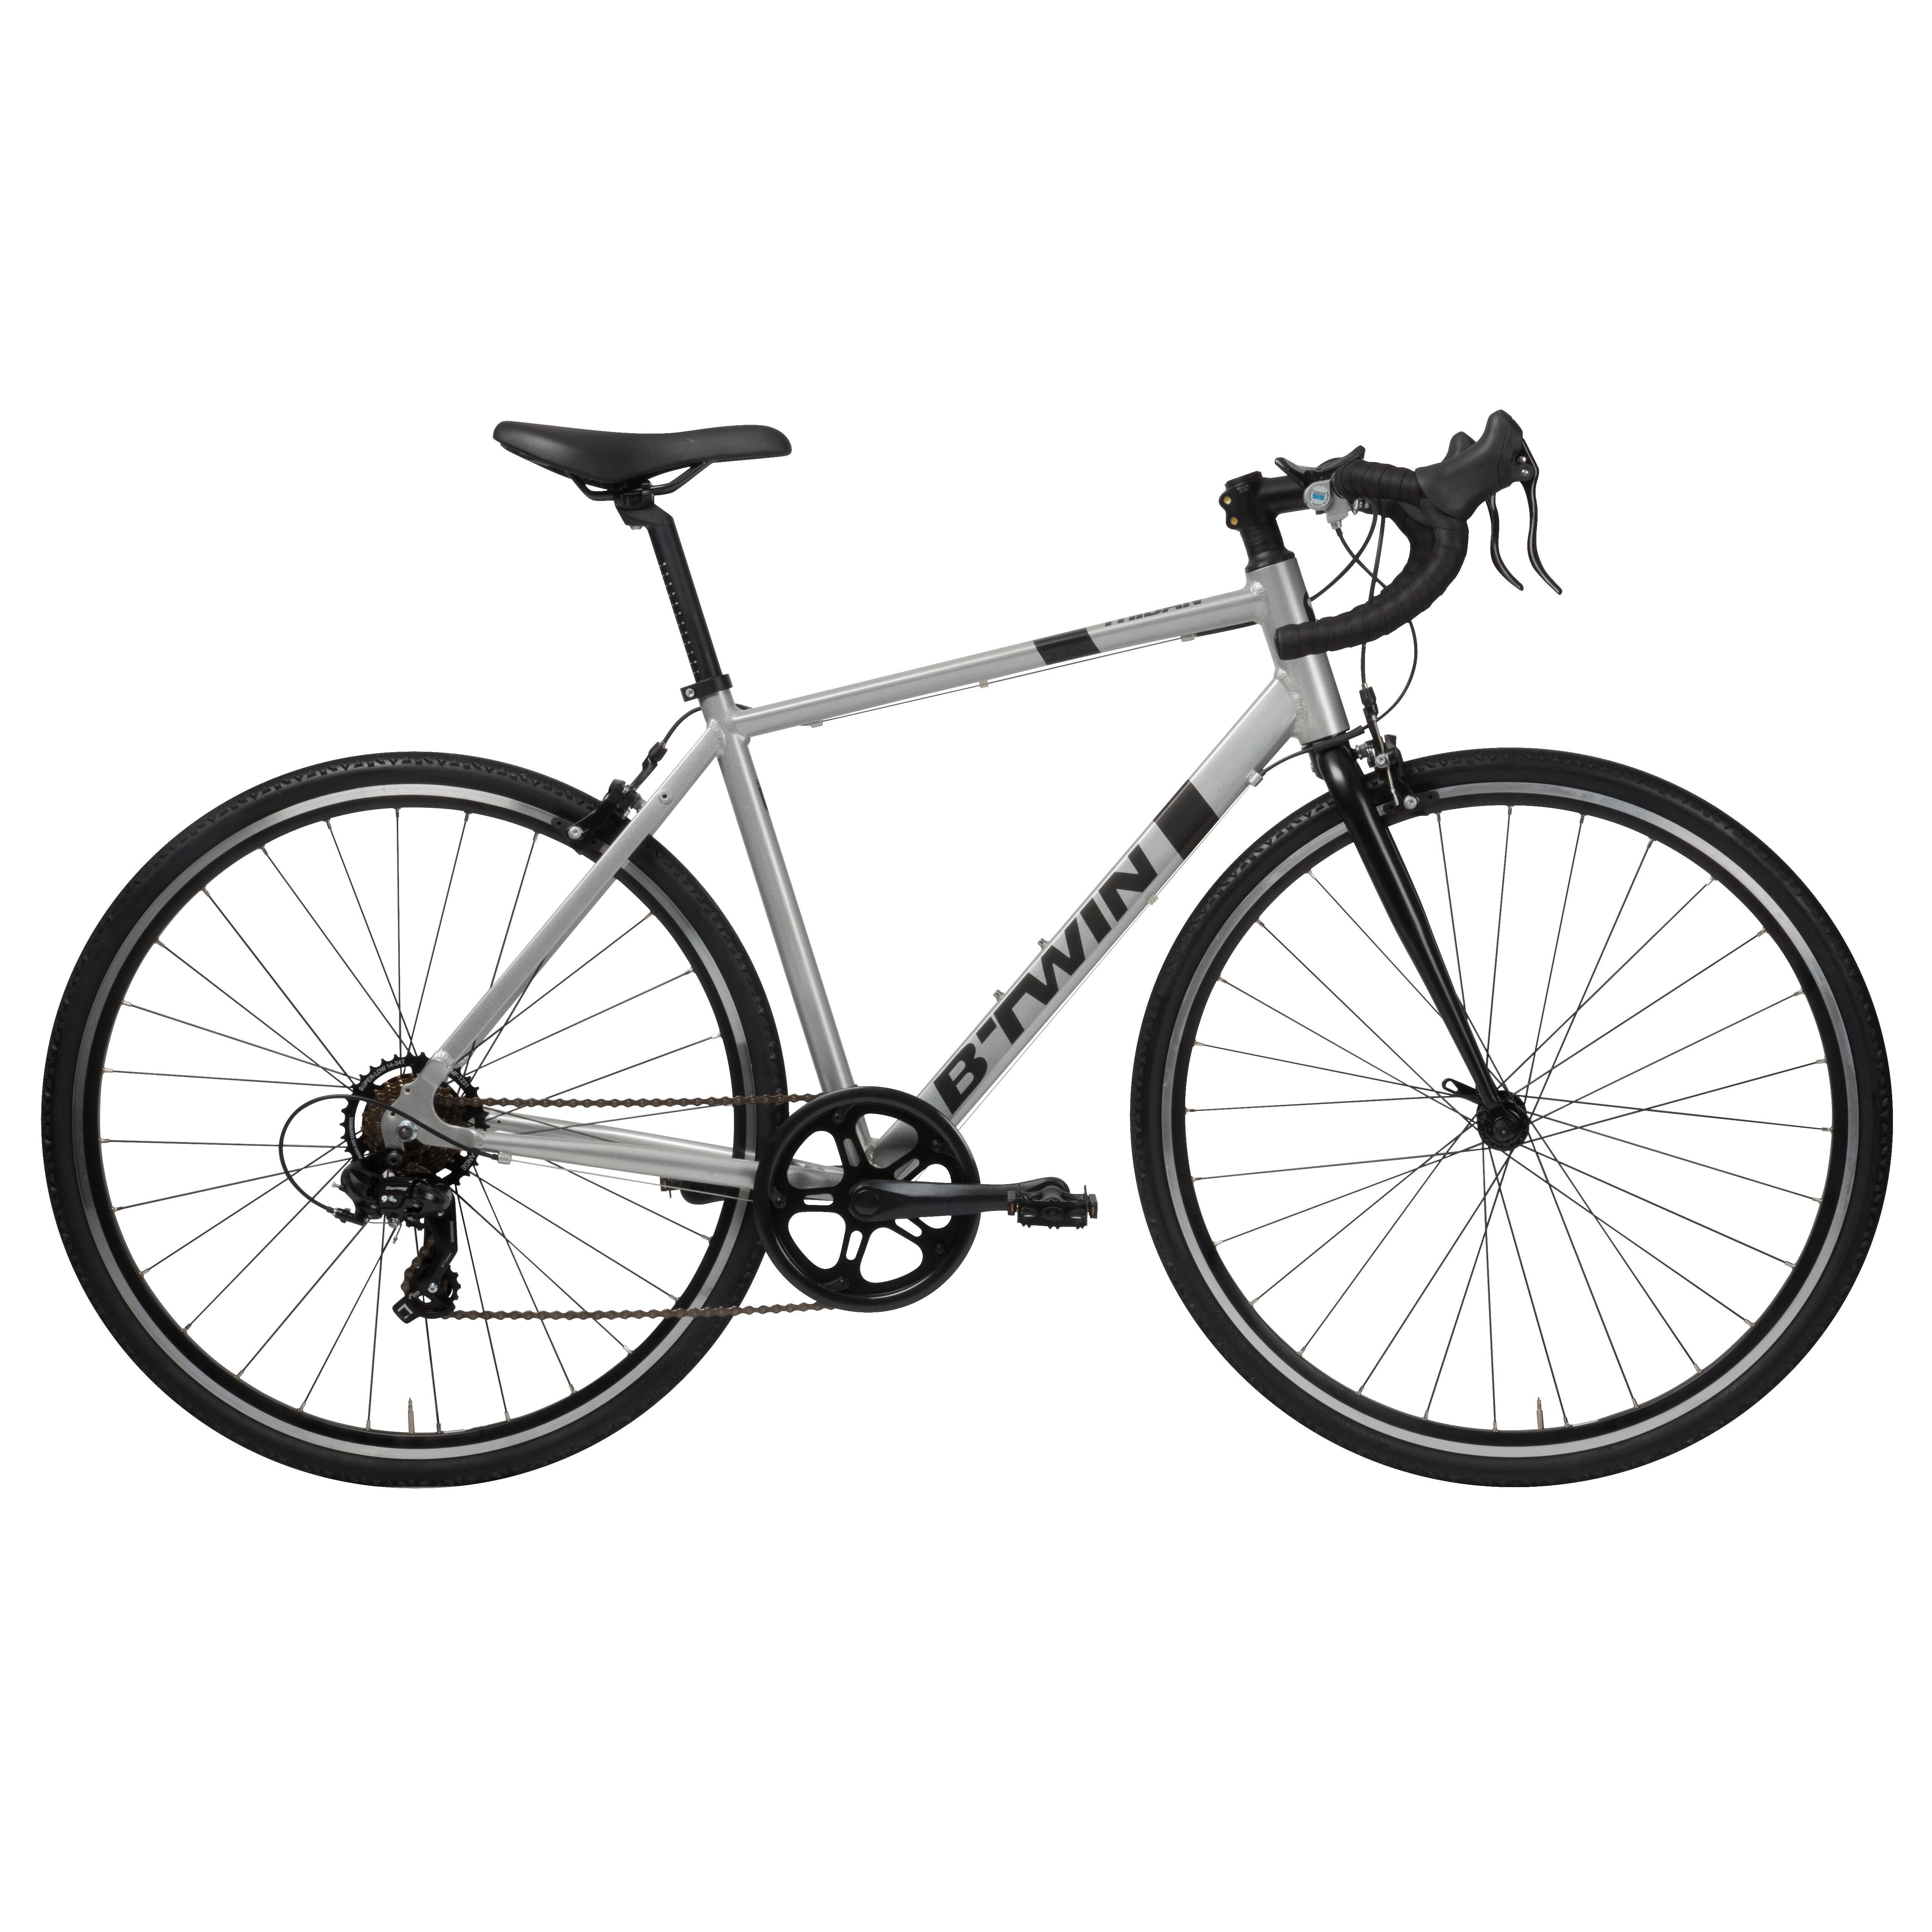 Cyclisme Vélo Vitesse Commande de Vitesse Parties Extérieur Vtt Accessoires